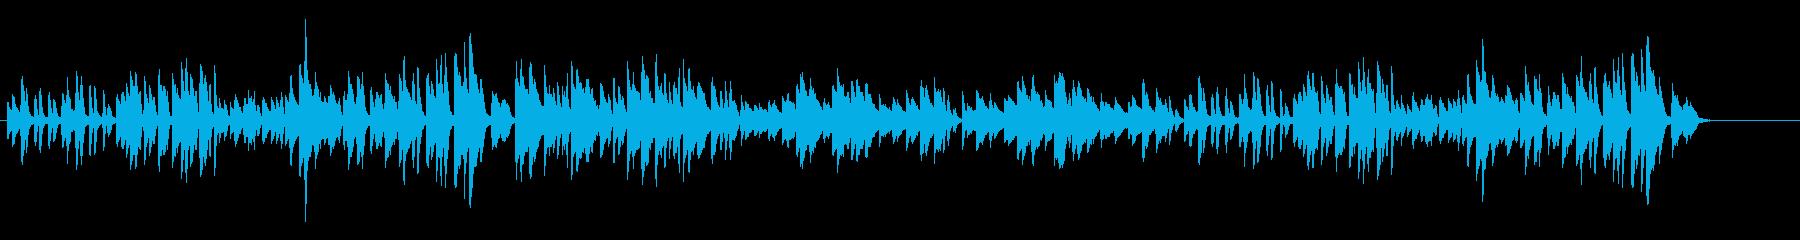 ベートーヴェン月光ソナタ 第2楽章の再生済みの波形